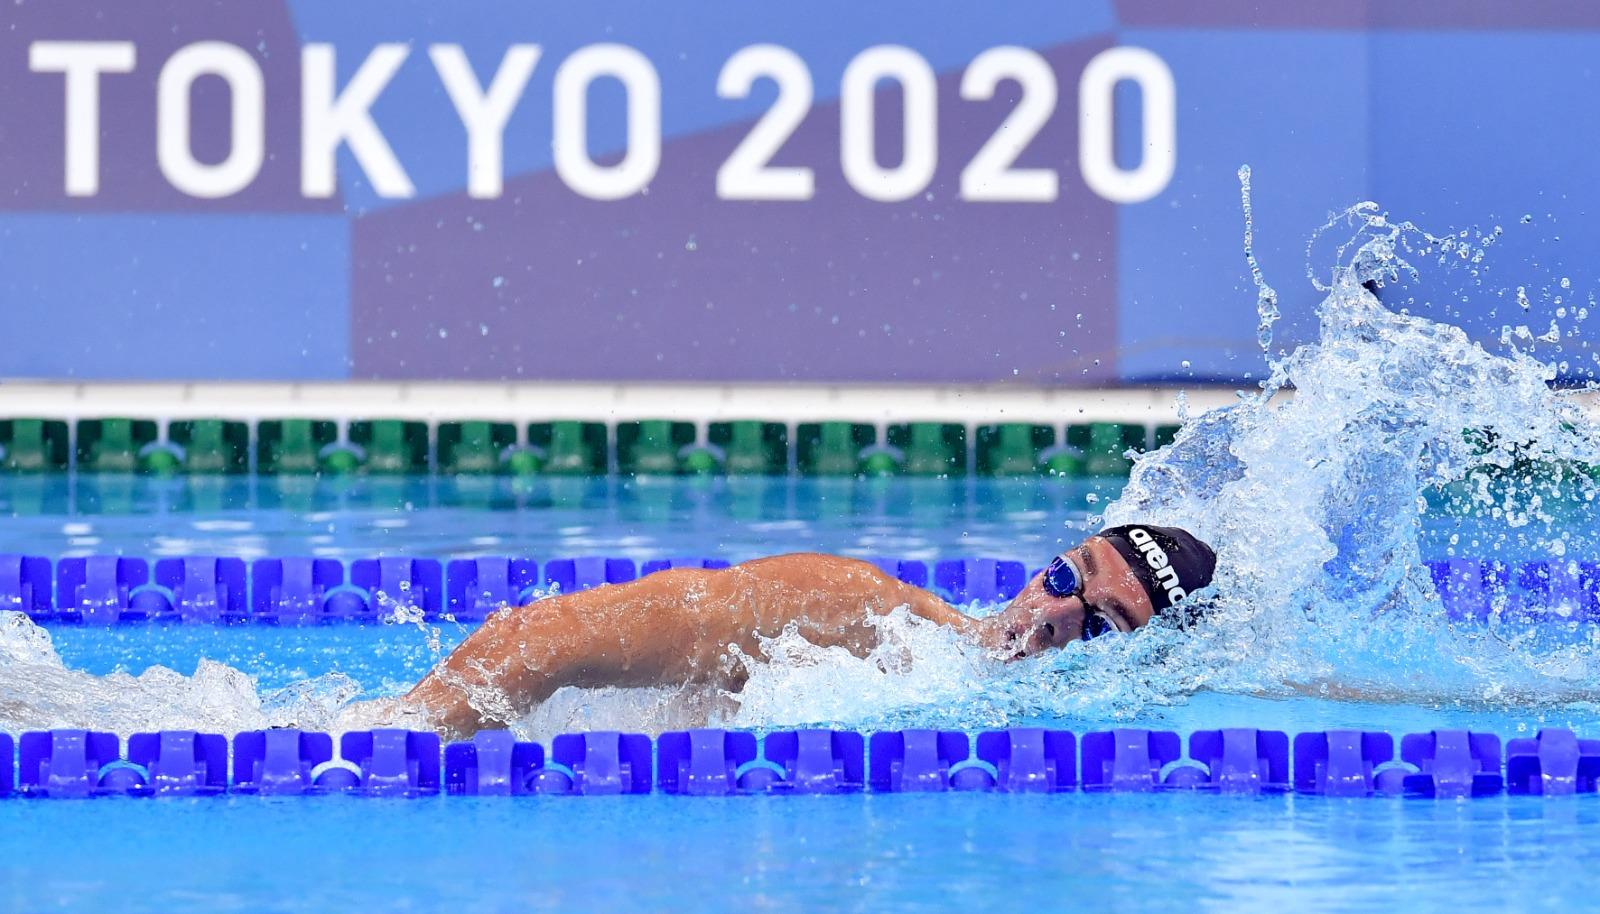 Olimpiadi Tokyo programma italiani in gara 1 agosto 2021